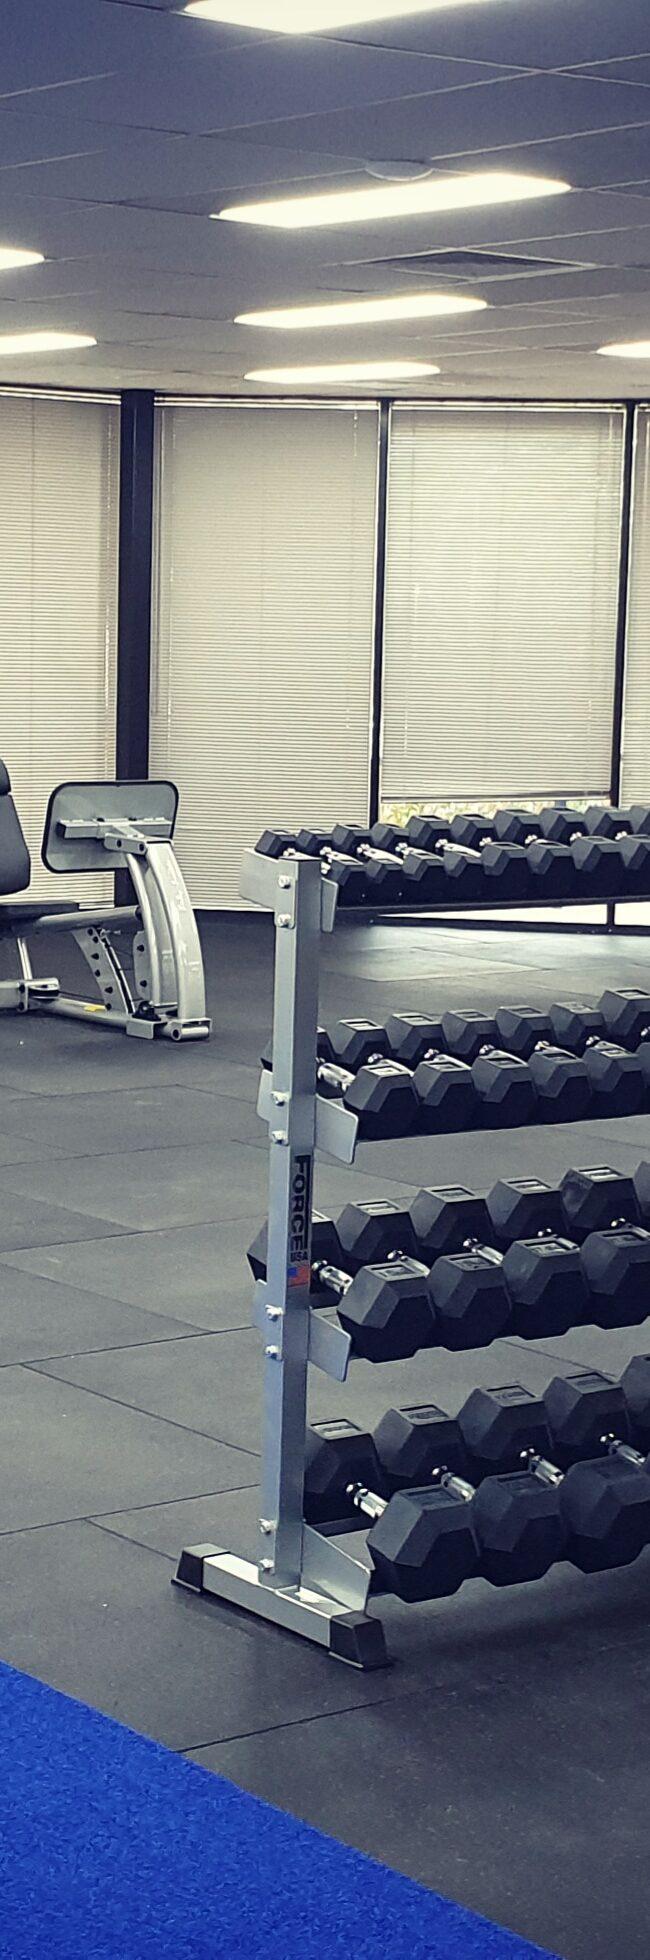 Gym Equipment Installation